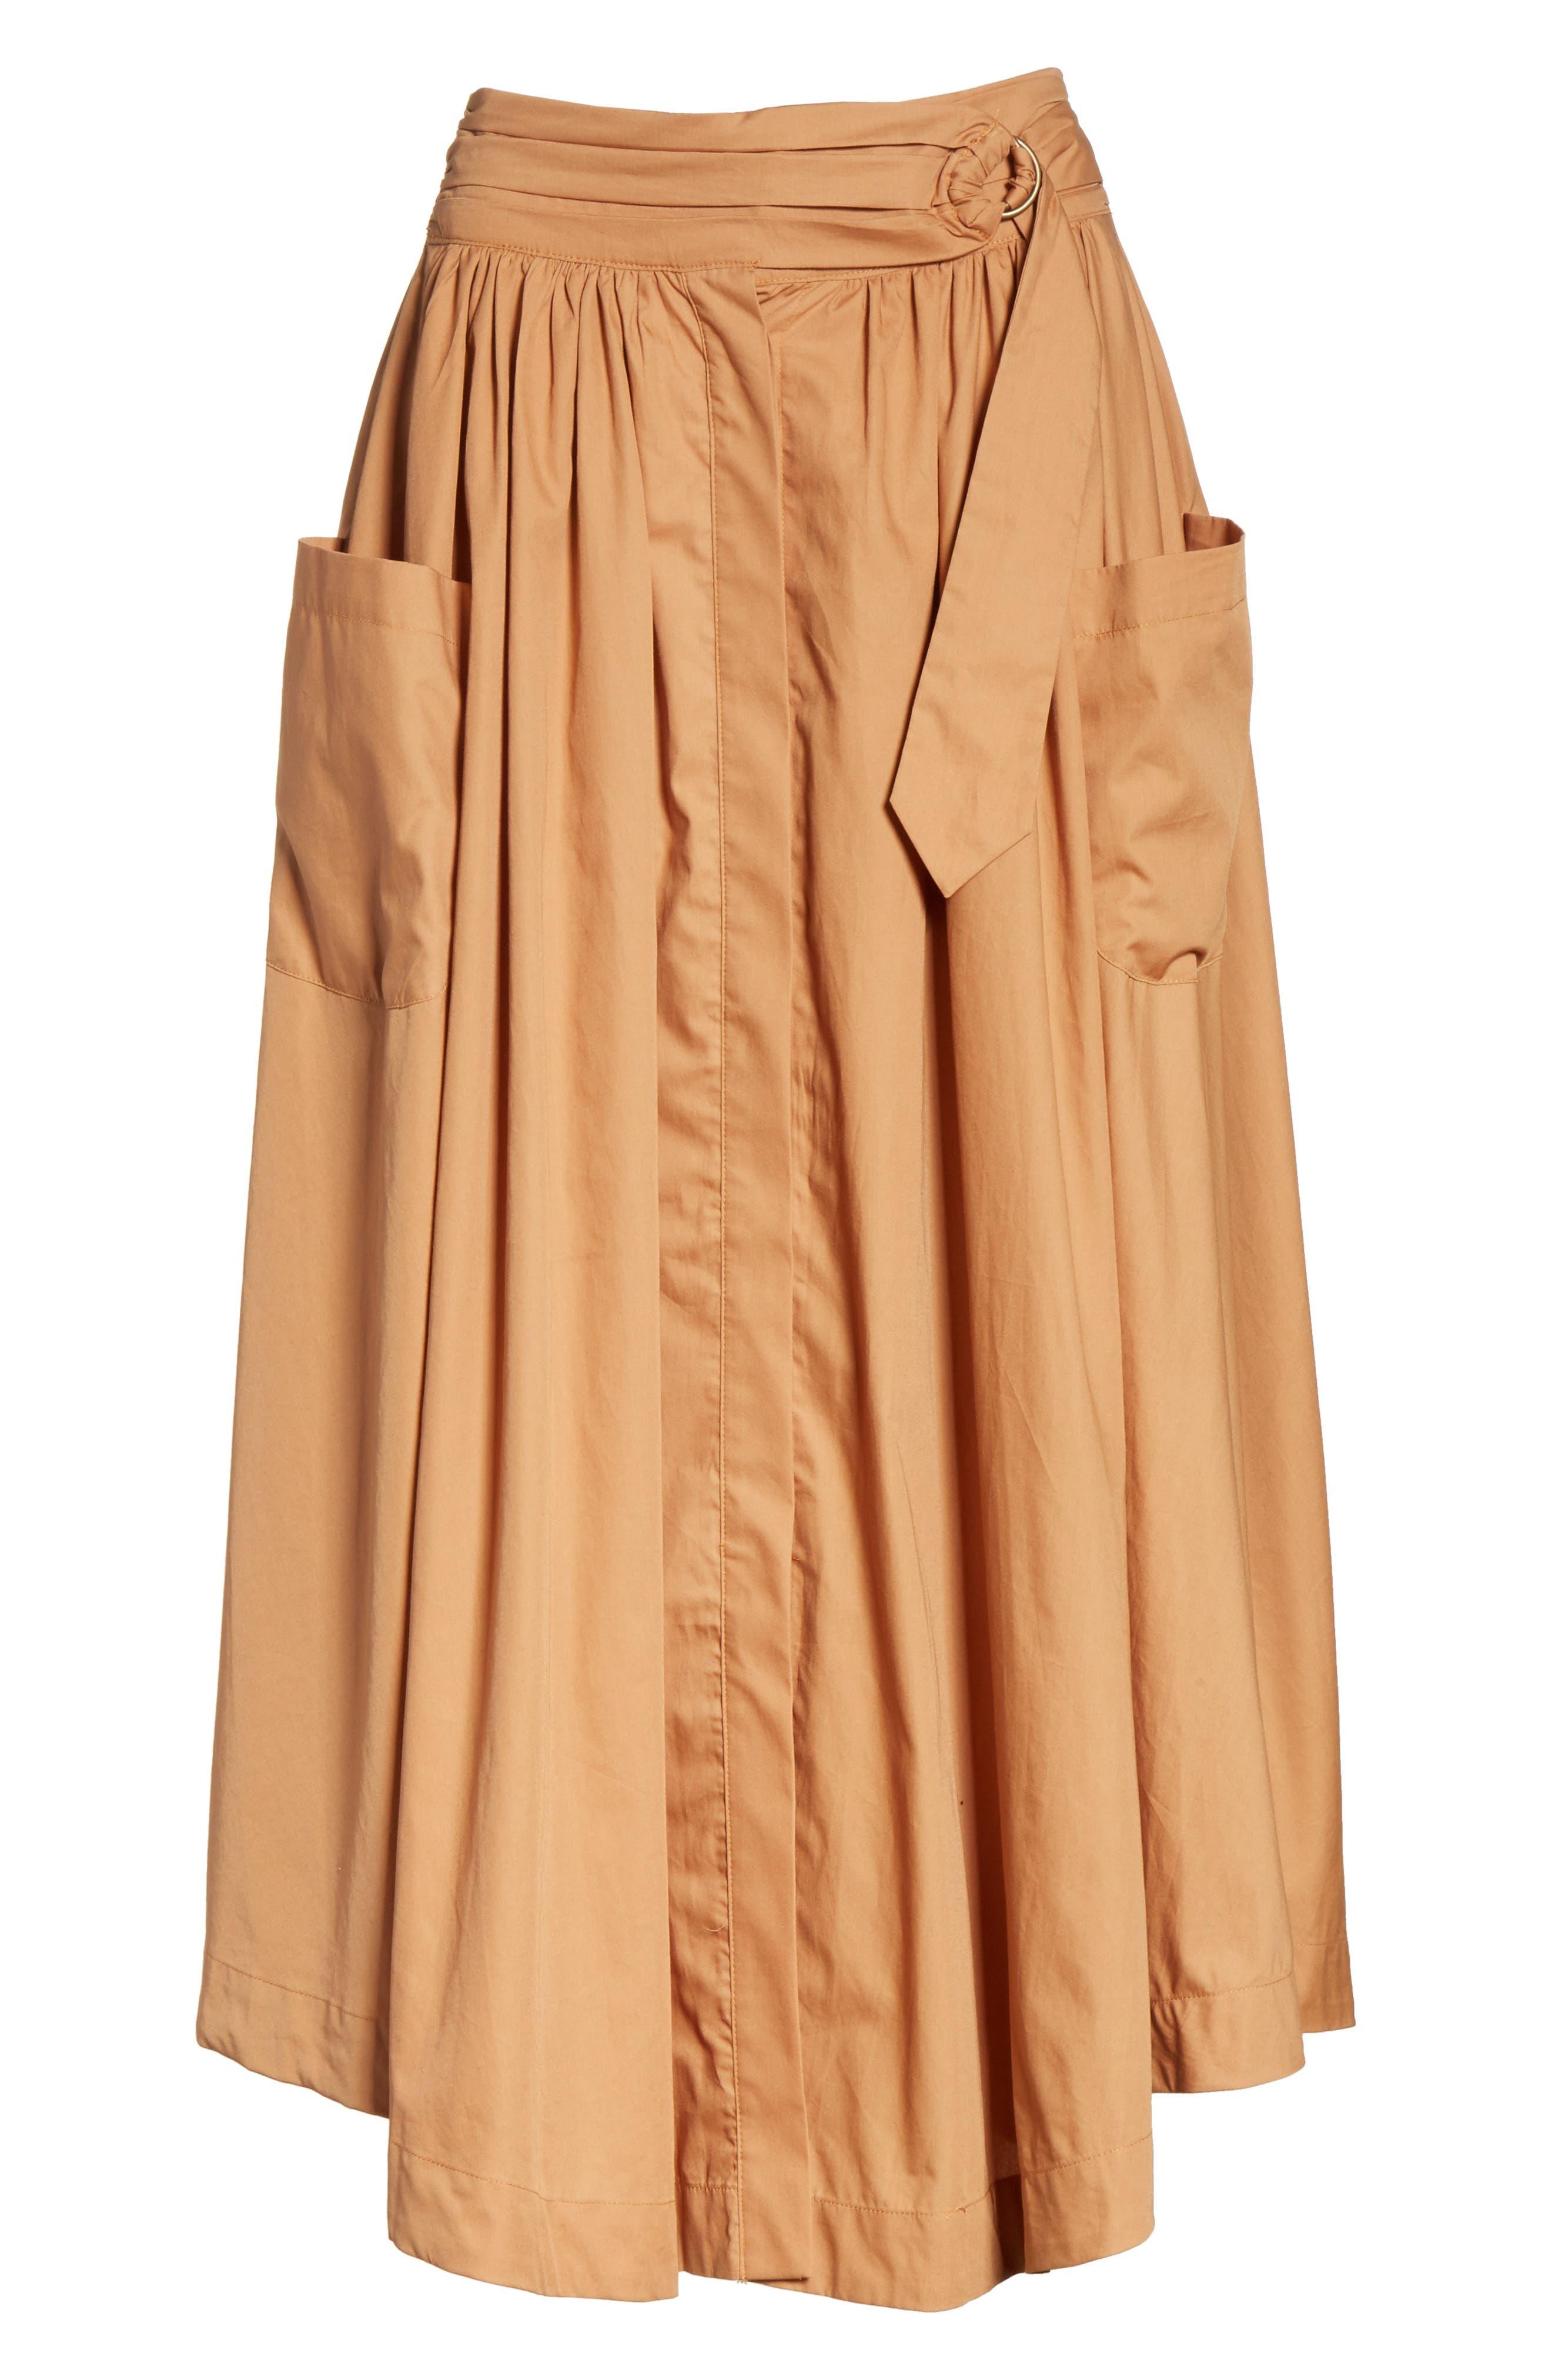 Dream of Me Midi Skirt,                             Alternate thumbnail 6, color,                             230